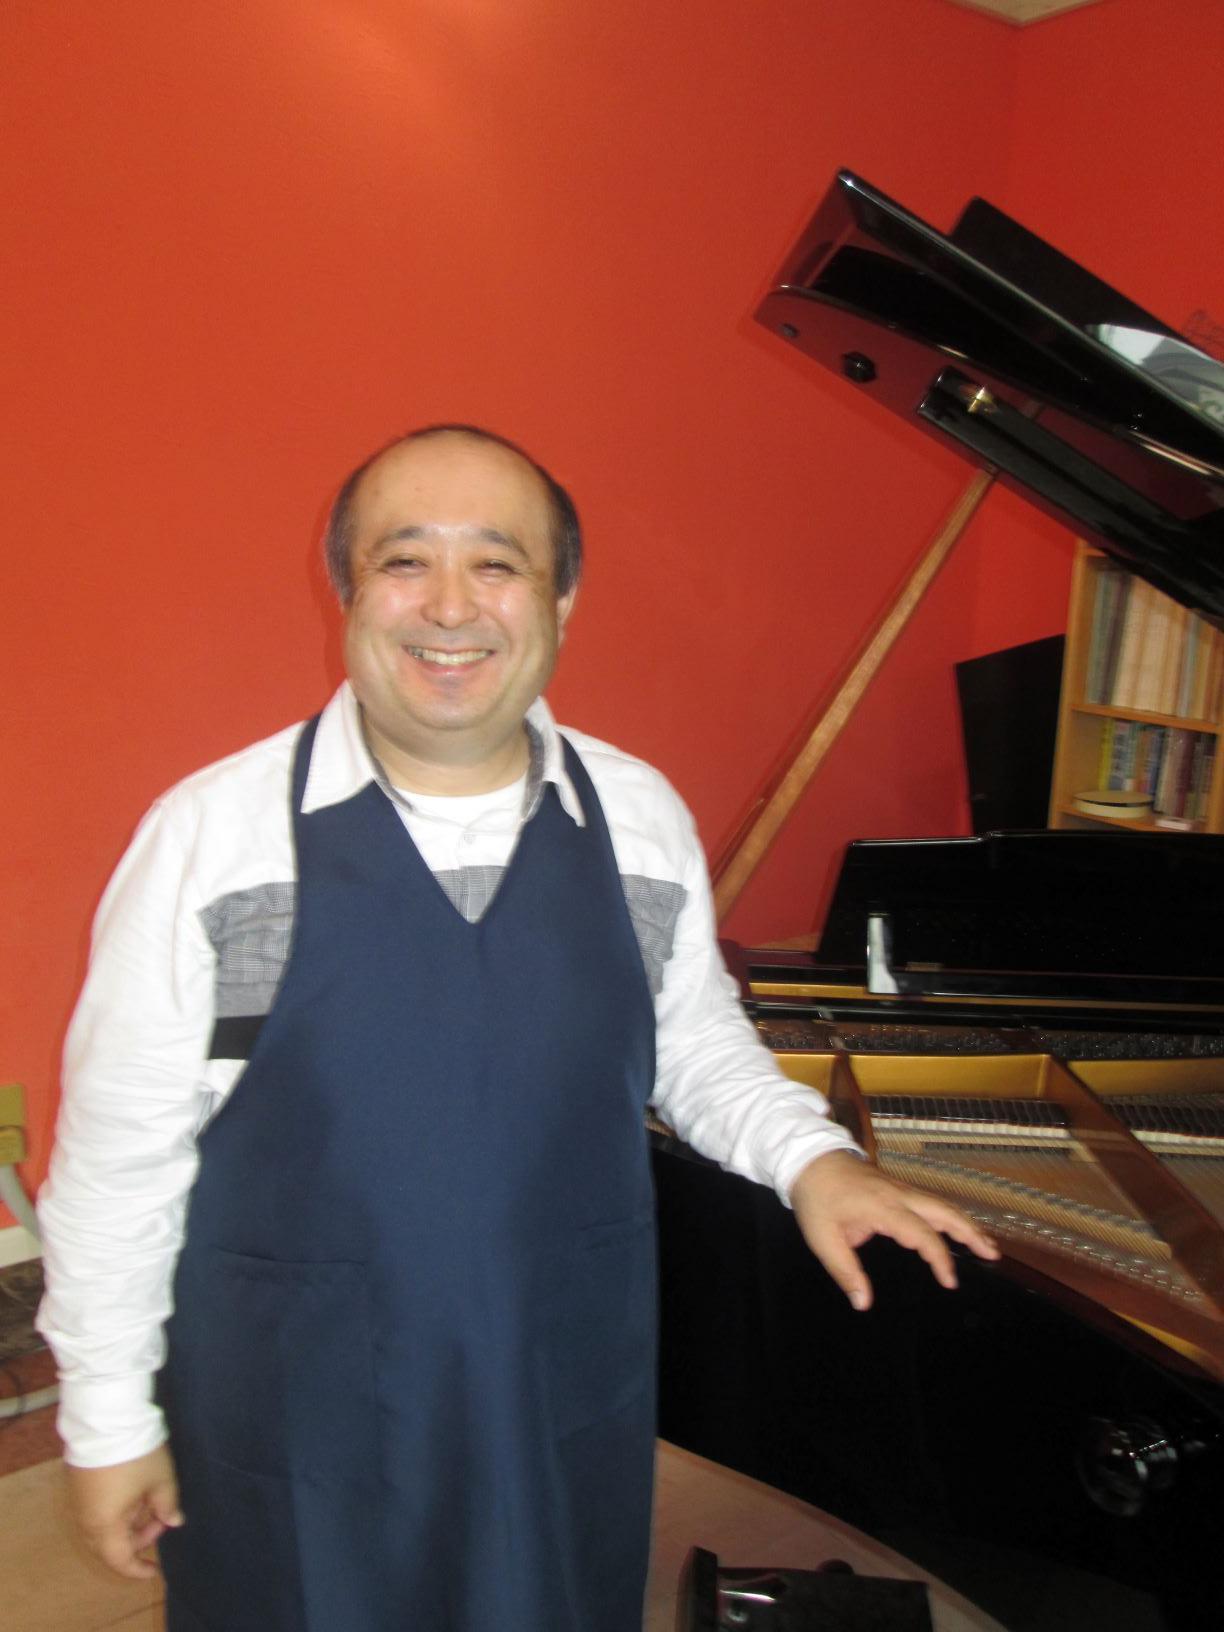 「男のピアノ教室」の生徒さん…Kさん(男性38歳、社会人)にインタビューしました。